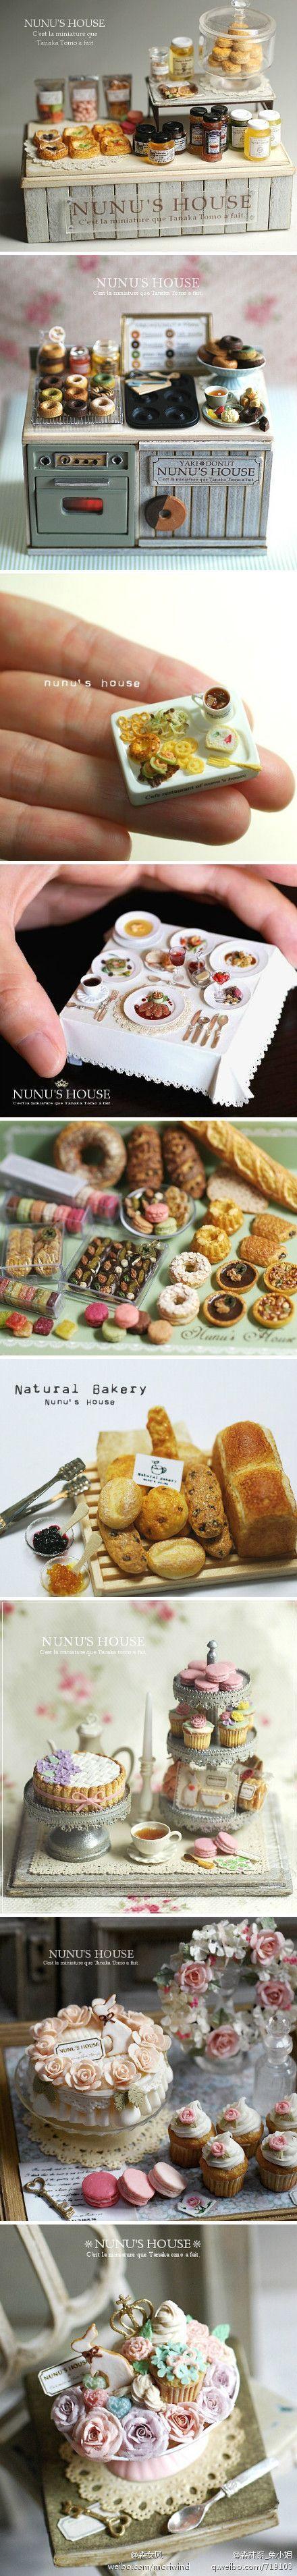 Miniature Foods